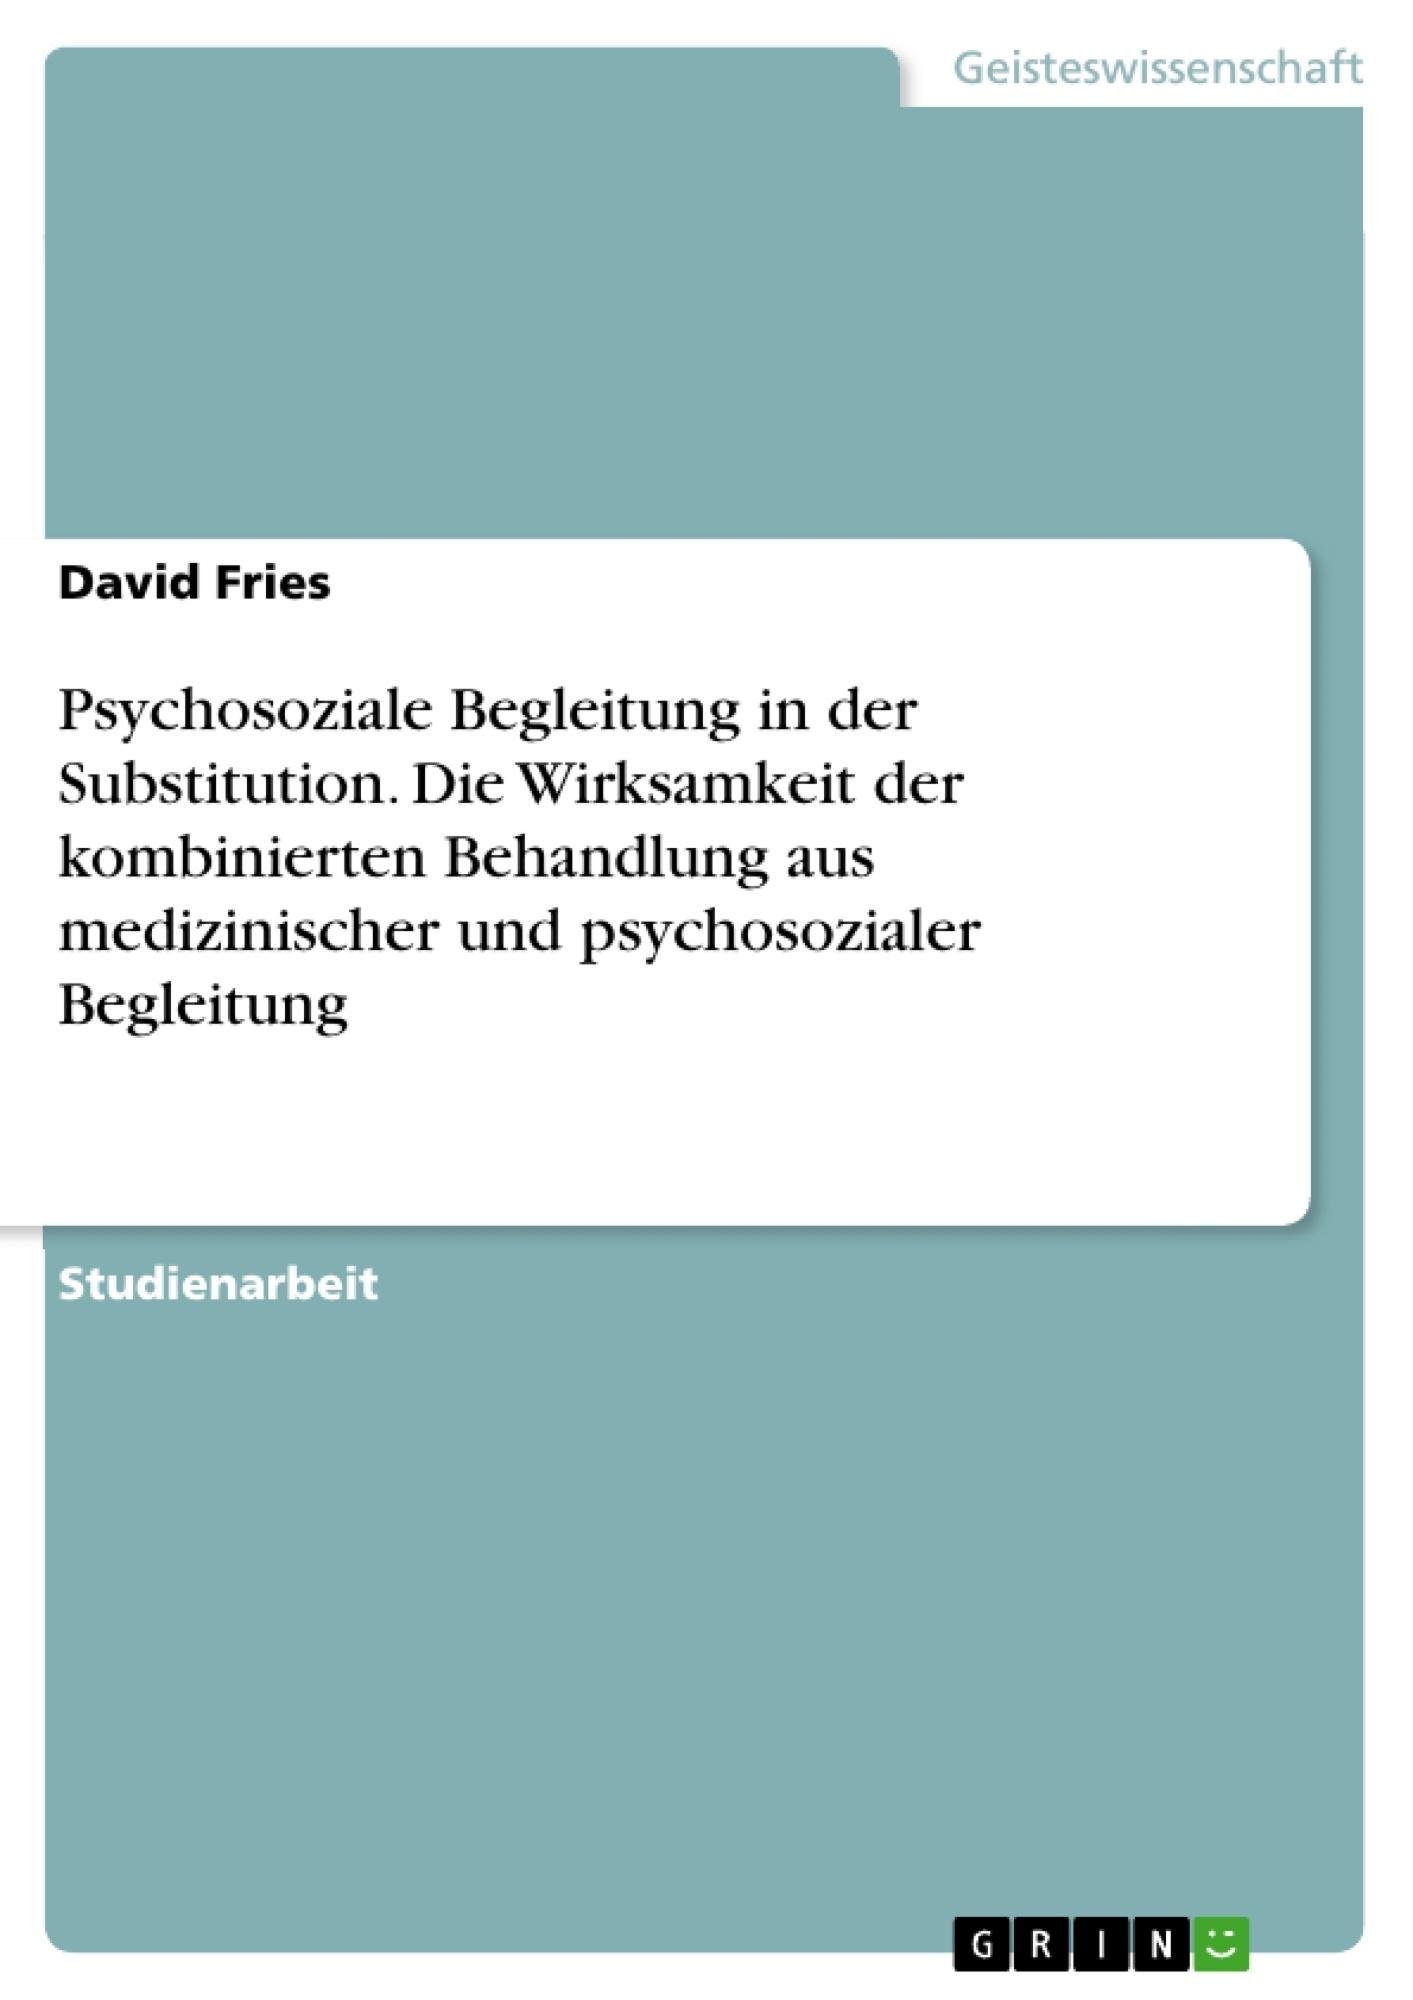 Titel: Psychosoziale Begleitung in der Substitution. Die Wirksamkeit der kombinierten Behandlung aus medizinischer und psychosozialer Begleitung